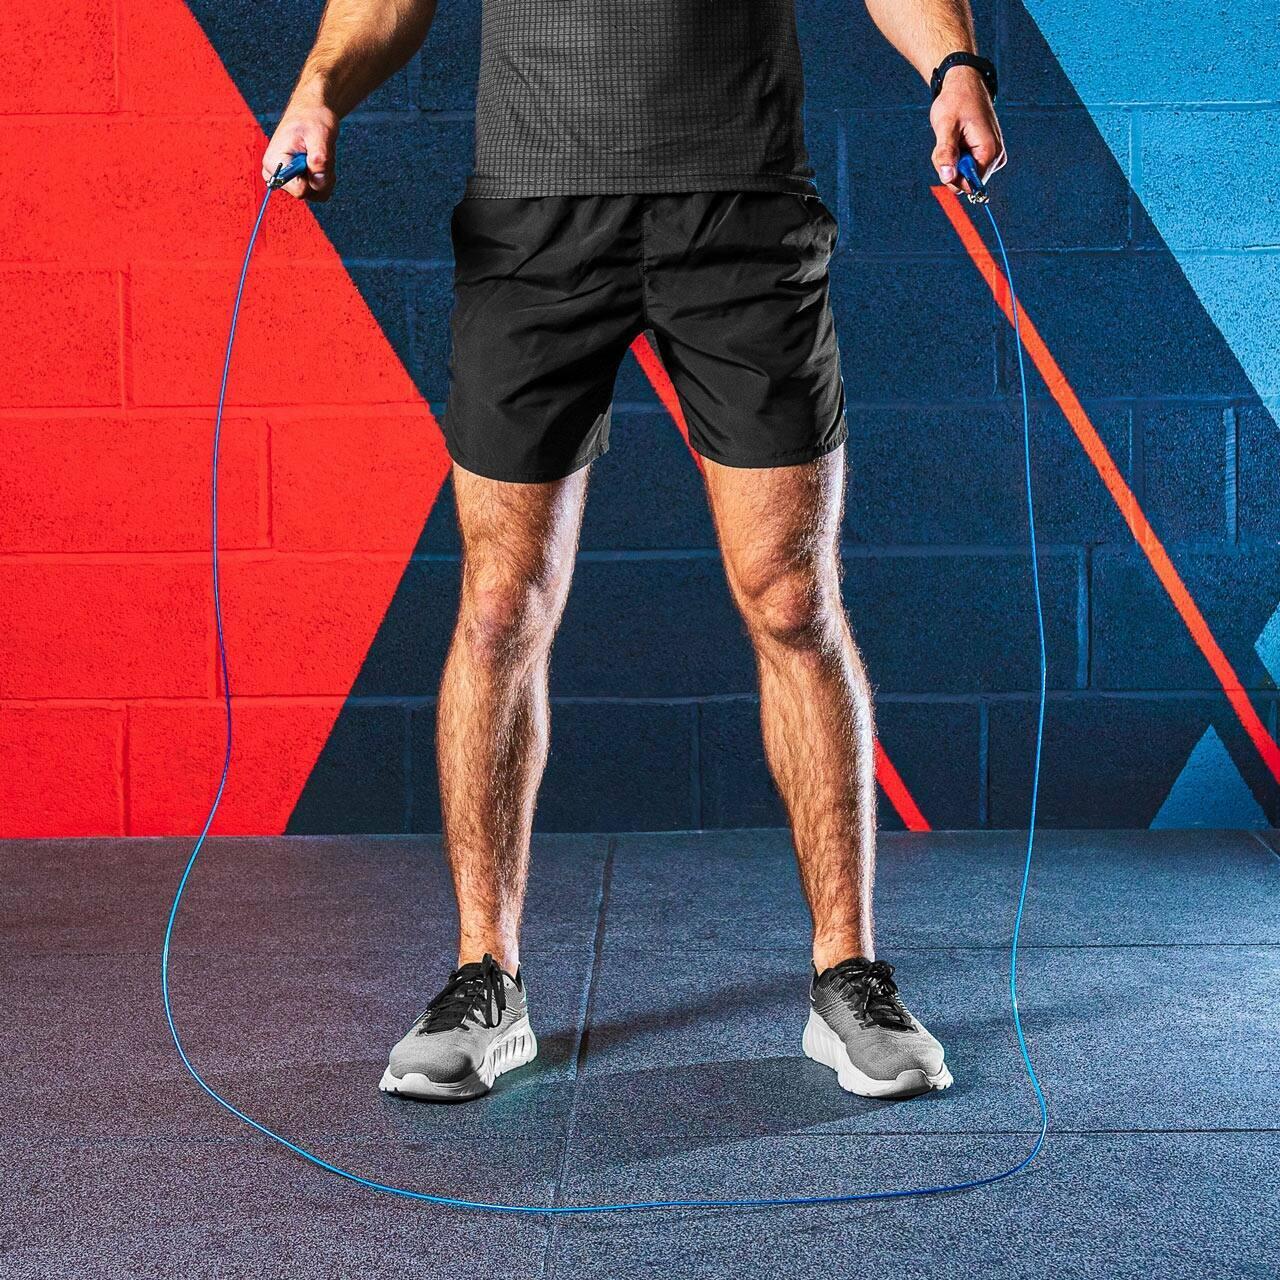 Cuerda de saltar ajustable